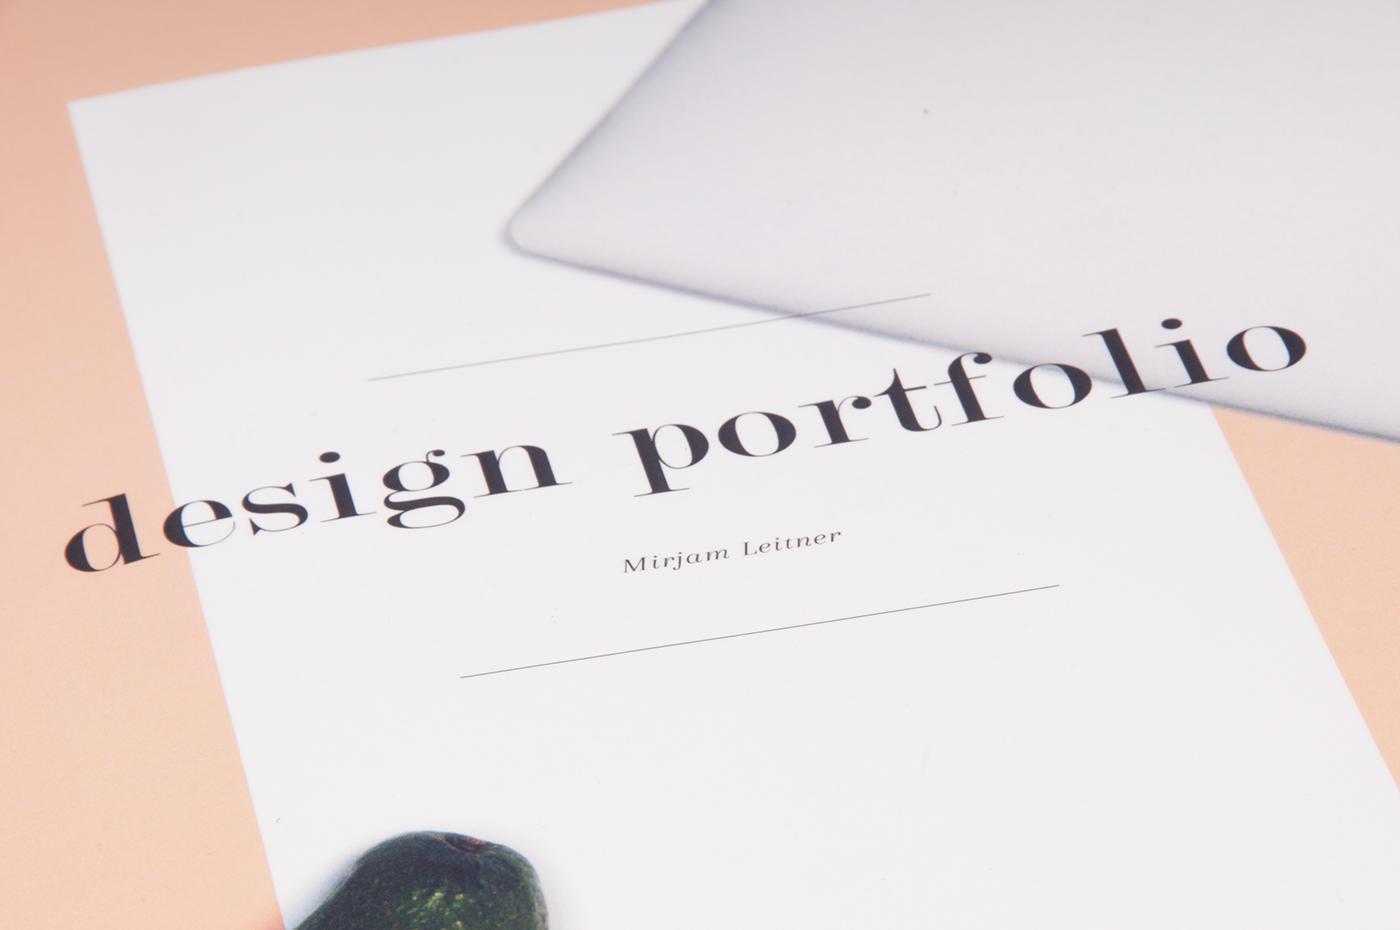 優質的48張作品集設計欣賞